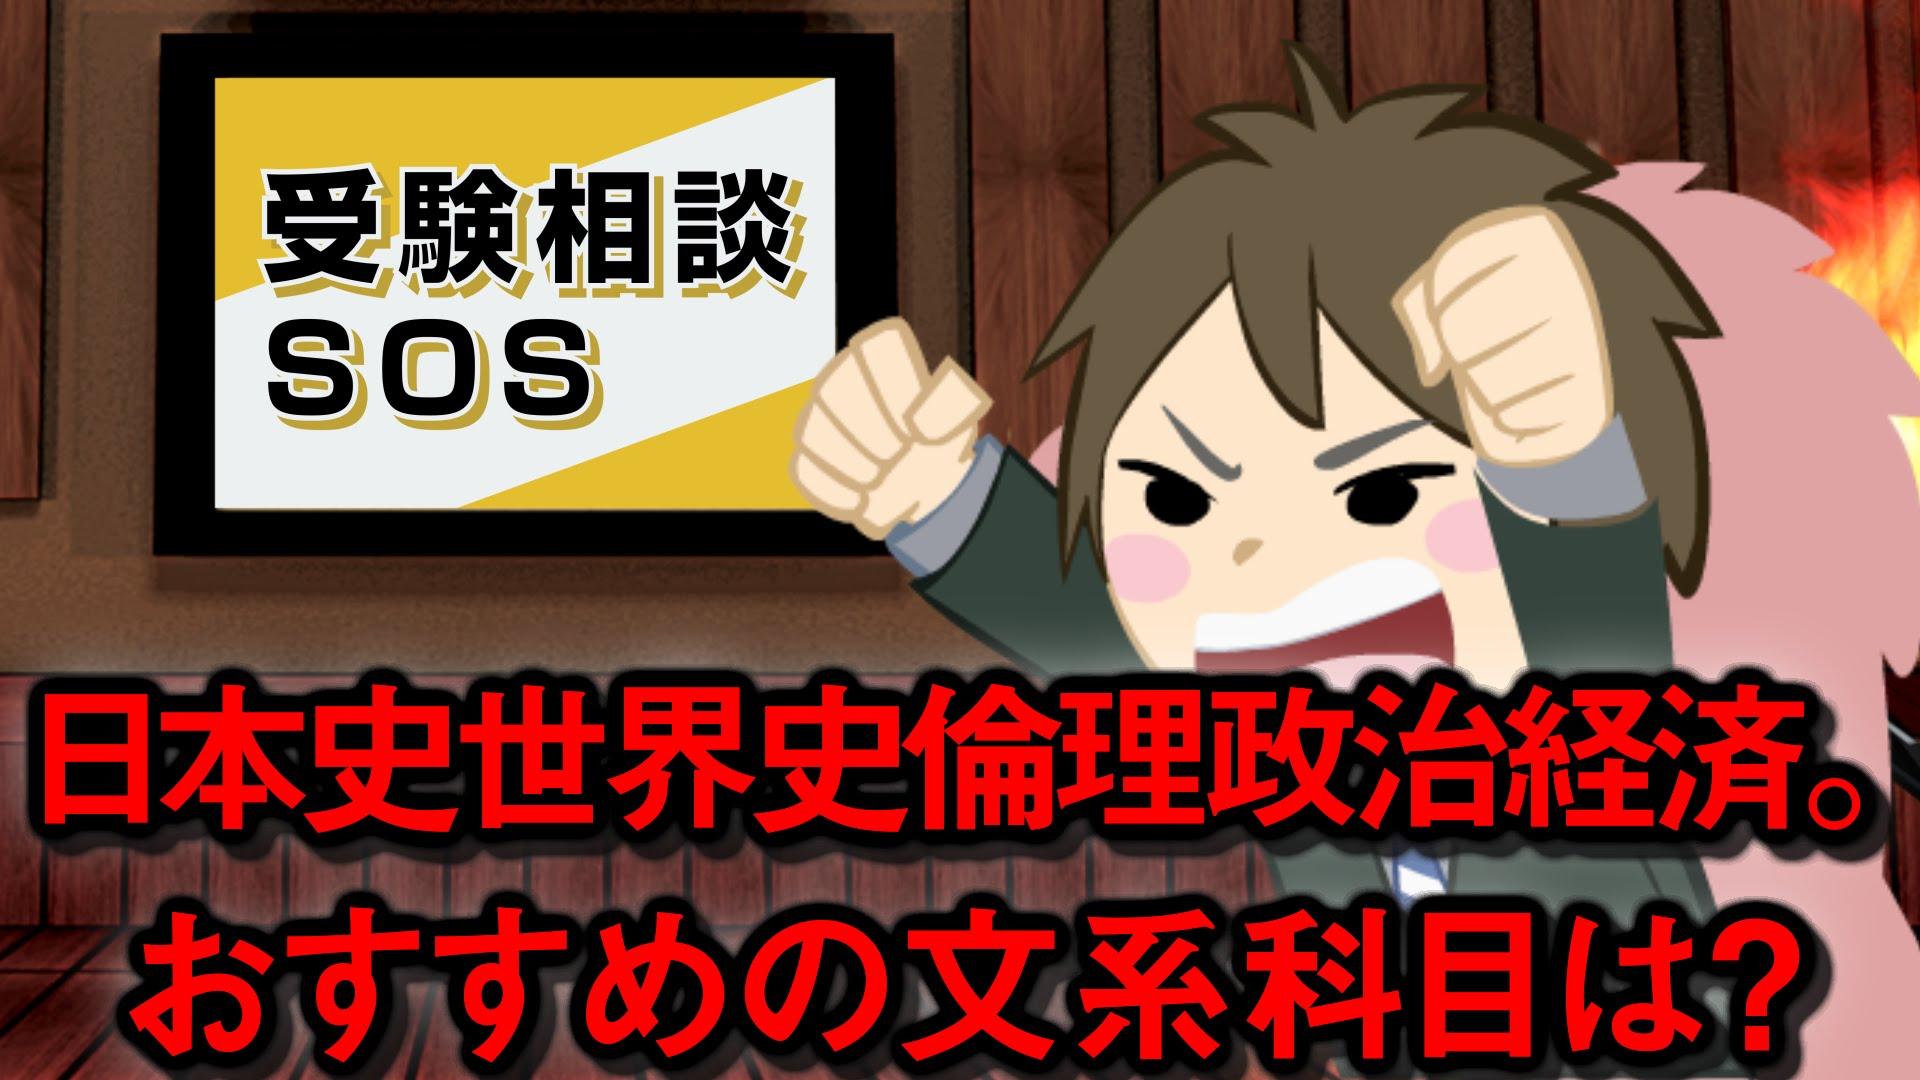 【vol.28】日本史・世界史・政治経済...どれを選ぶのが正解?!|受験相談SOS